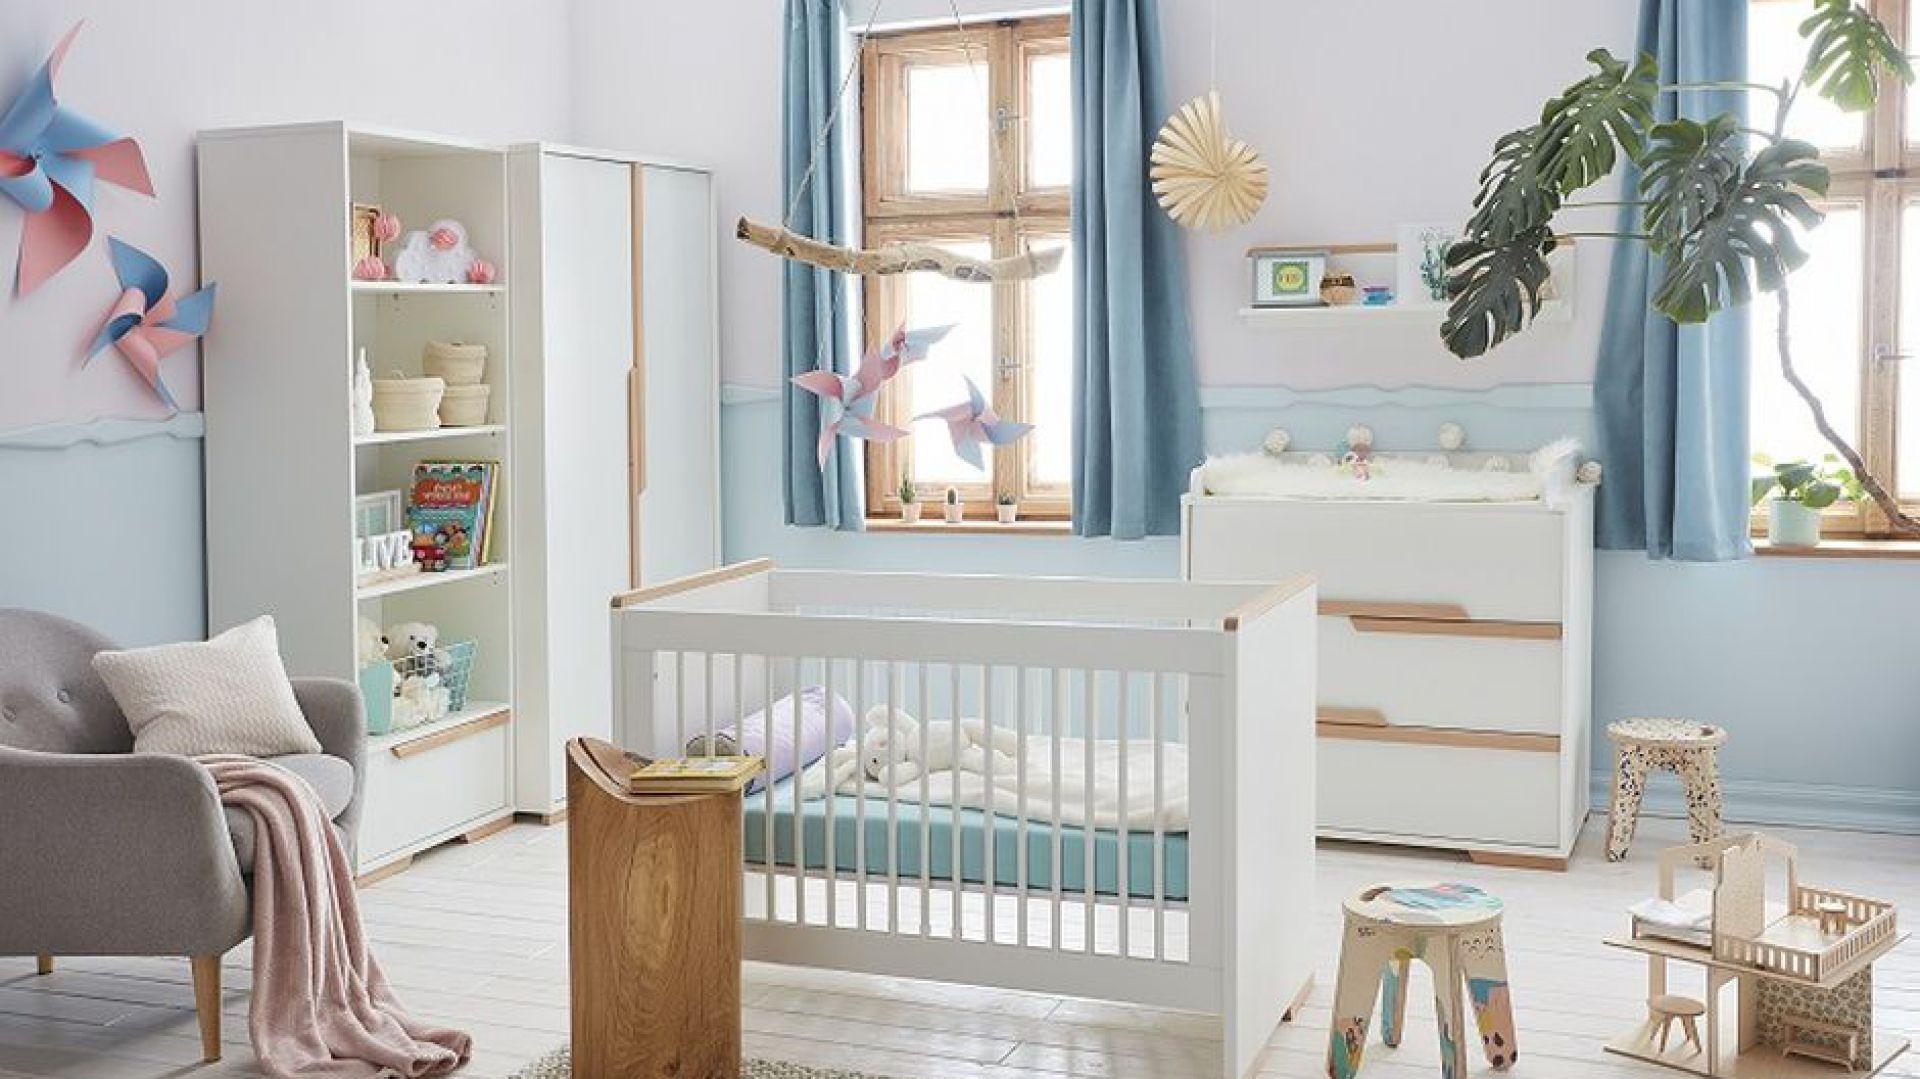 Kolekcja mebli dla dzieci i młodzieży Snap. Fot. Pinio